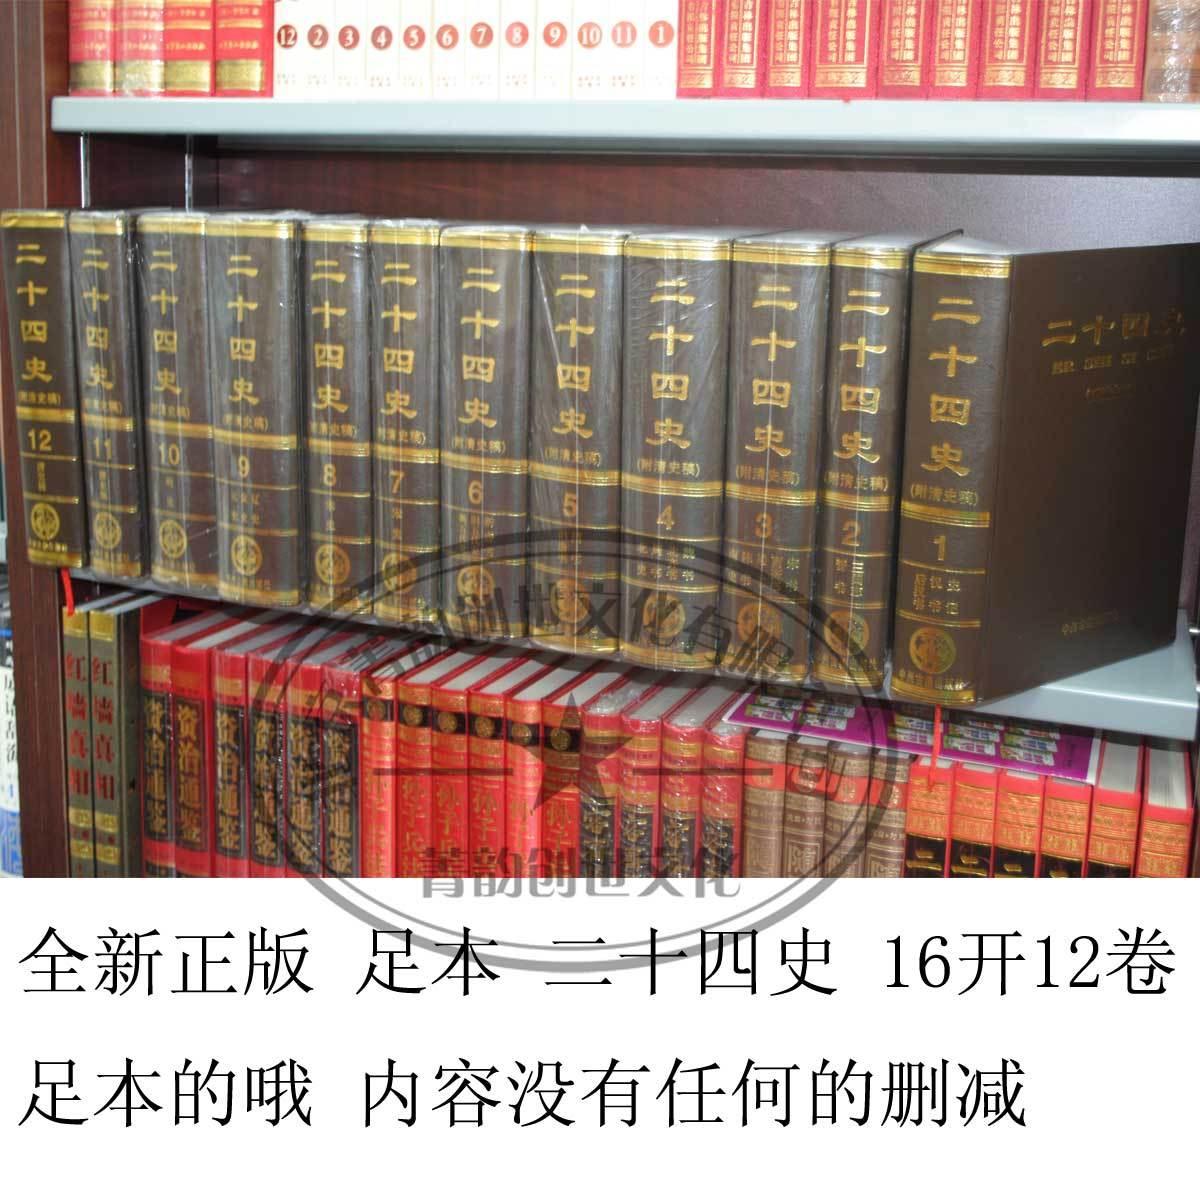 Магазина подлинной ershisishi истории истории династии Цин английской пунктуации ног 12 полный объем 24 Zi Чжи Тун Цзянь Ши Цзи